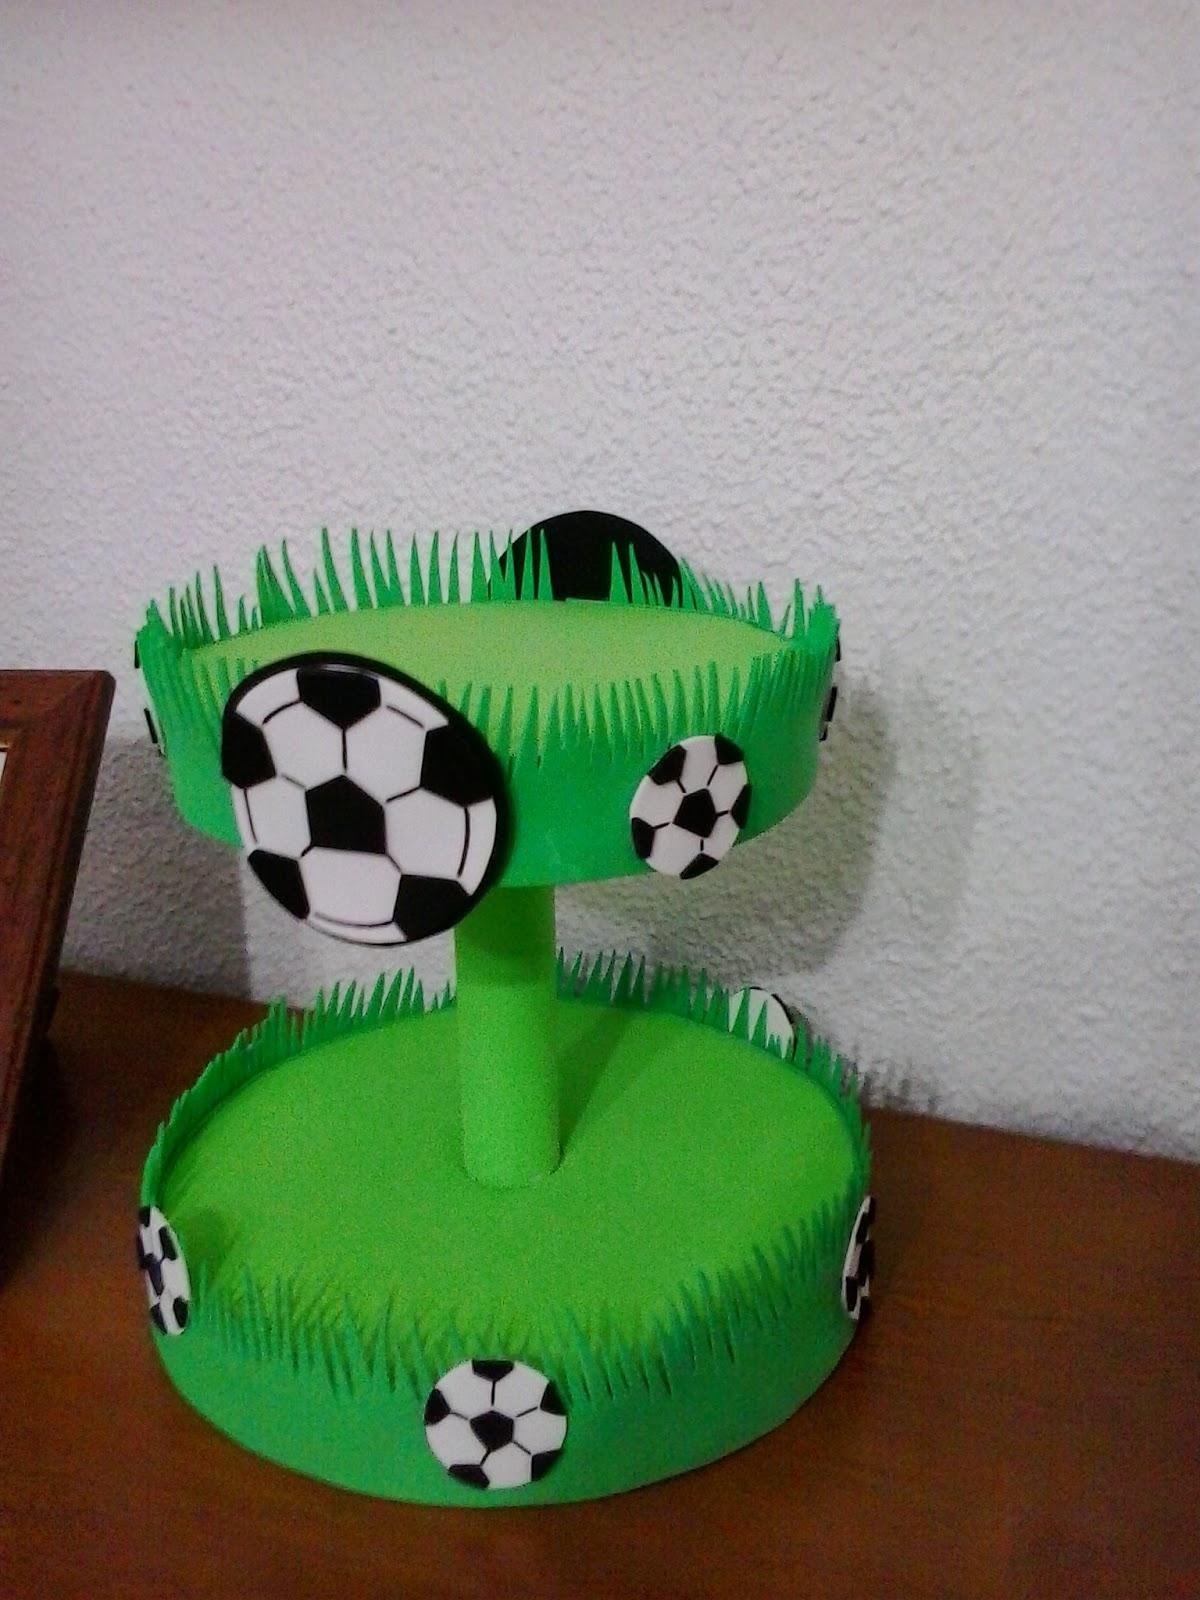 Golosinero futbol boca juniors pinterest futbol - Centros de decoracion ...